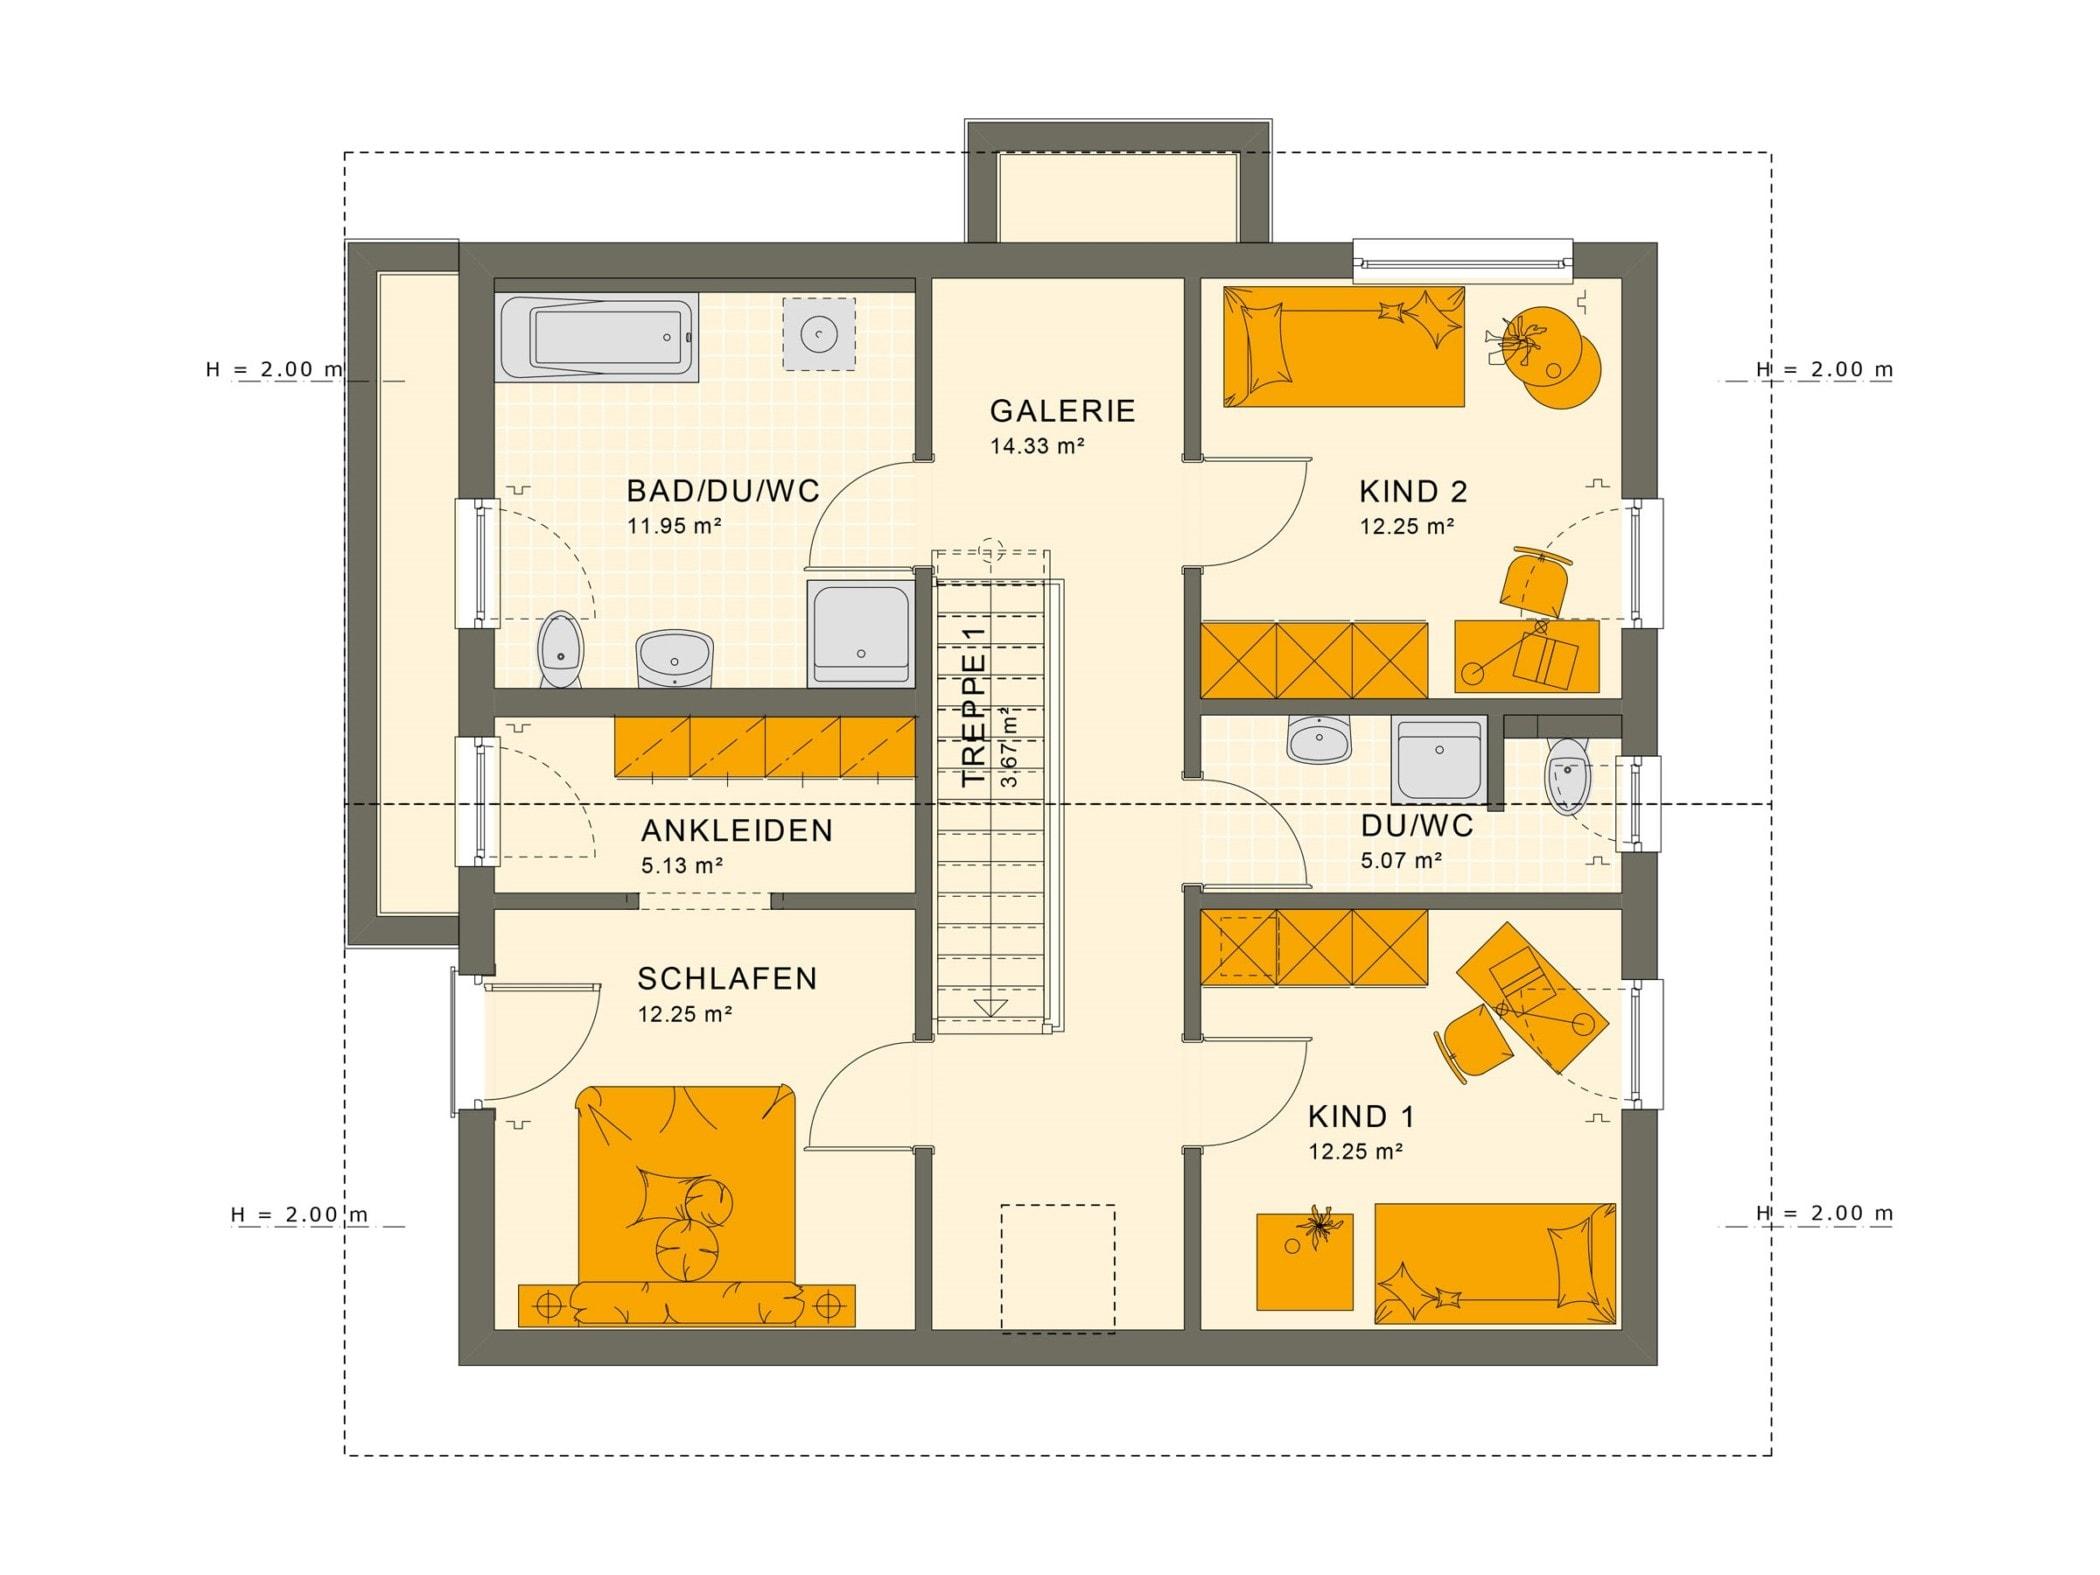 Einfamilienhaus Grundriss Obergeschoss mit Satteldach, gerade Treppe & Galerie, 5 Zimmer, 150 qm - Fertighaus Living Haus SUNSHINE 154 V5 - HausbauDirekt.de